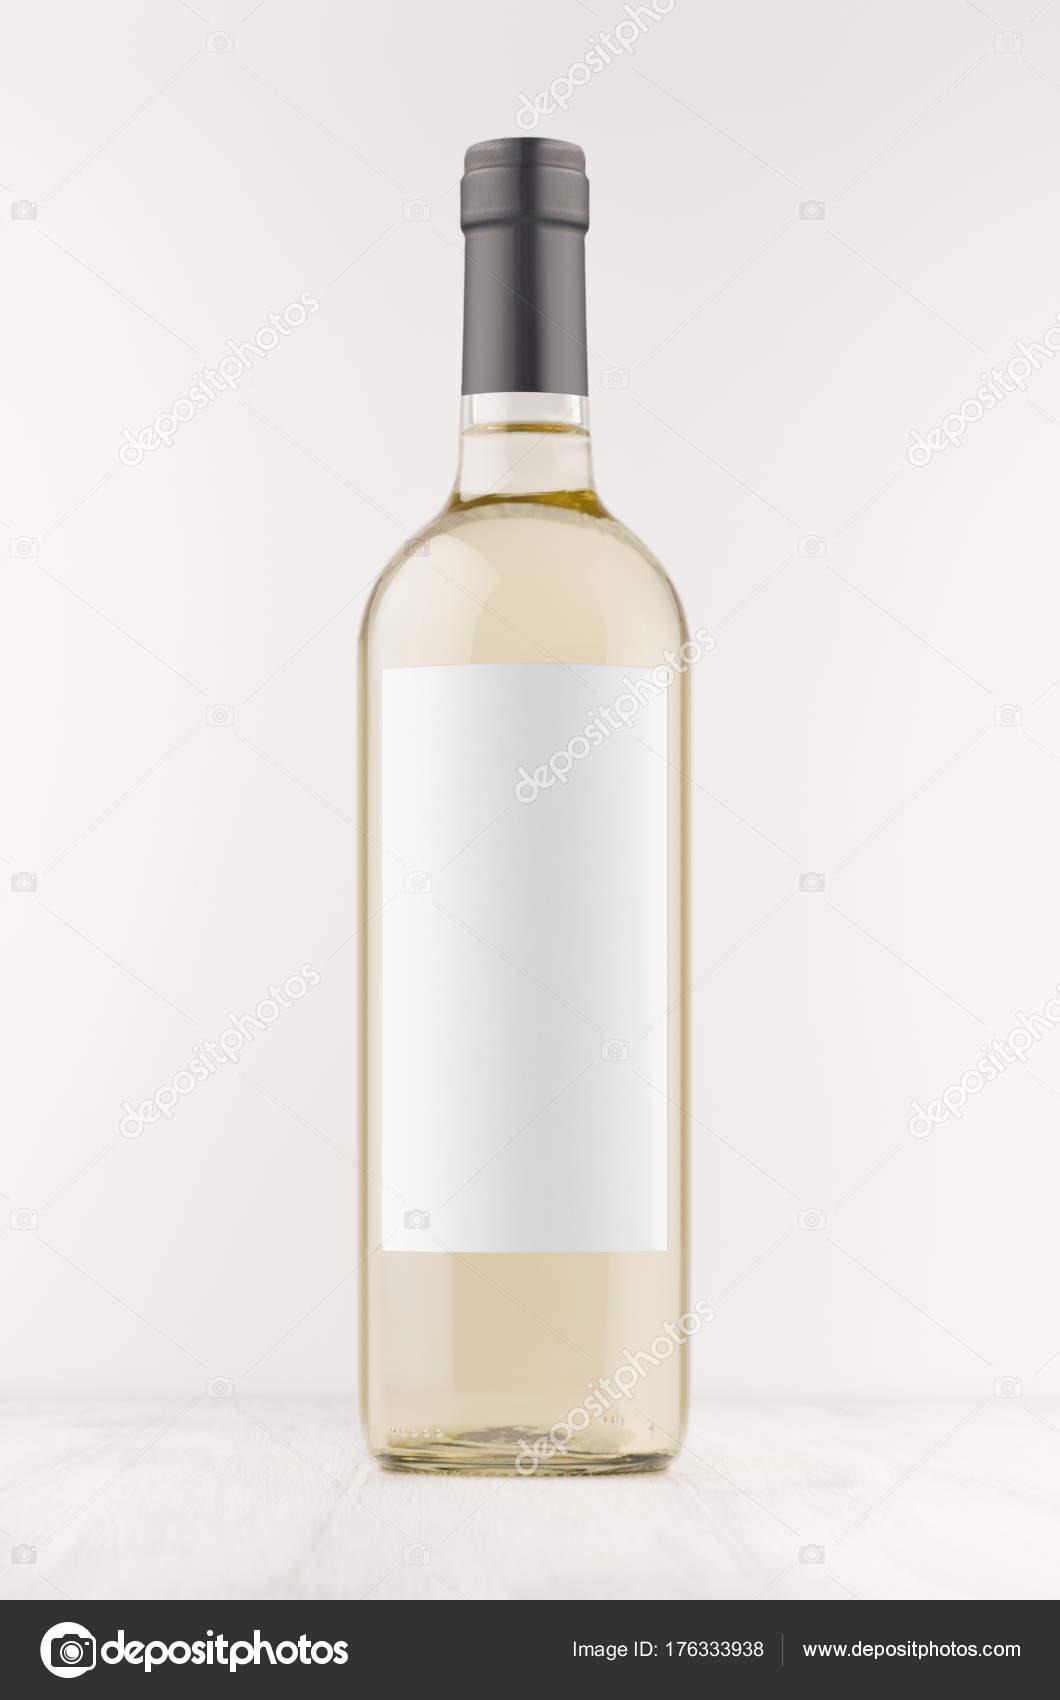 Transparente Flasche Weisswein Mit Leeren Weißen Etikett Auf Weißen ...